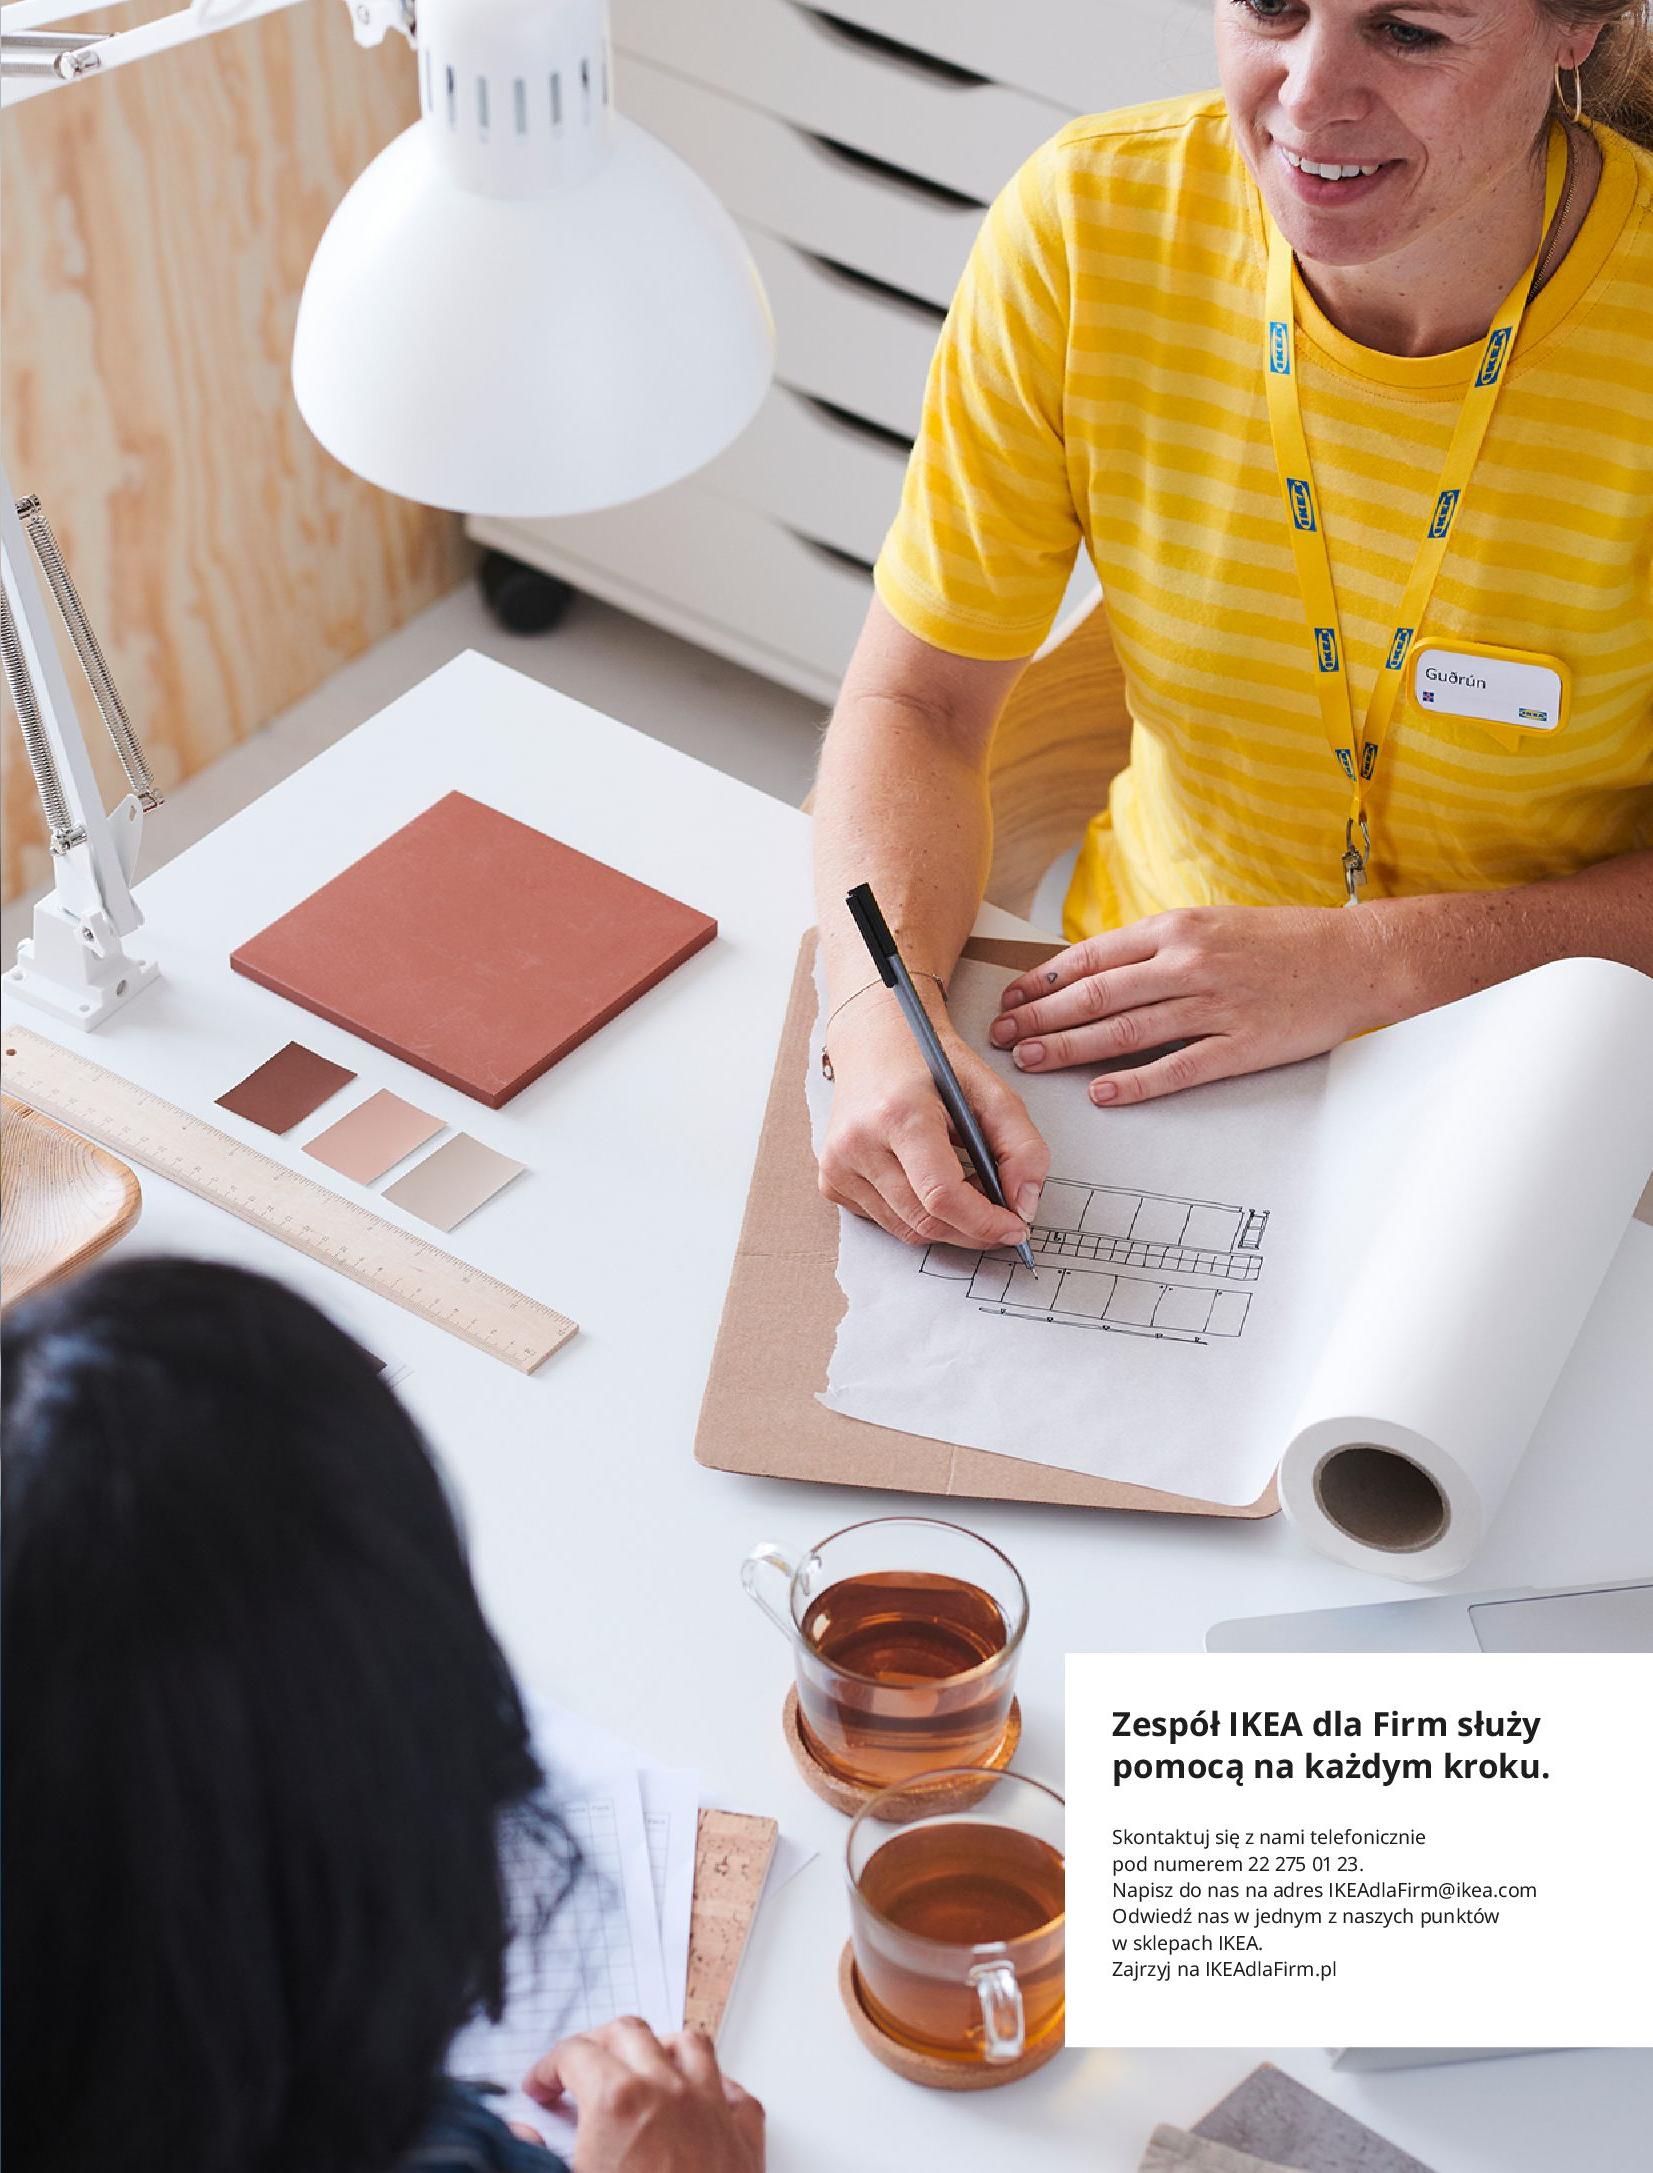 Gazetka IKEA: IKEA dla Firm 2021 2021-01-13 page-35